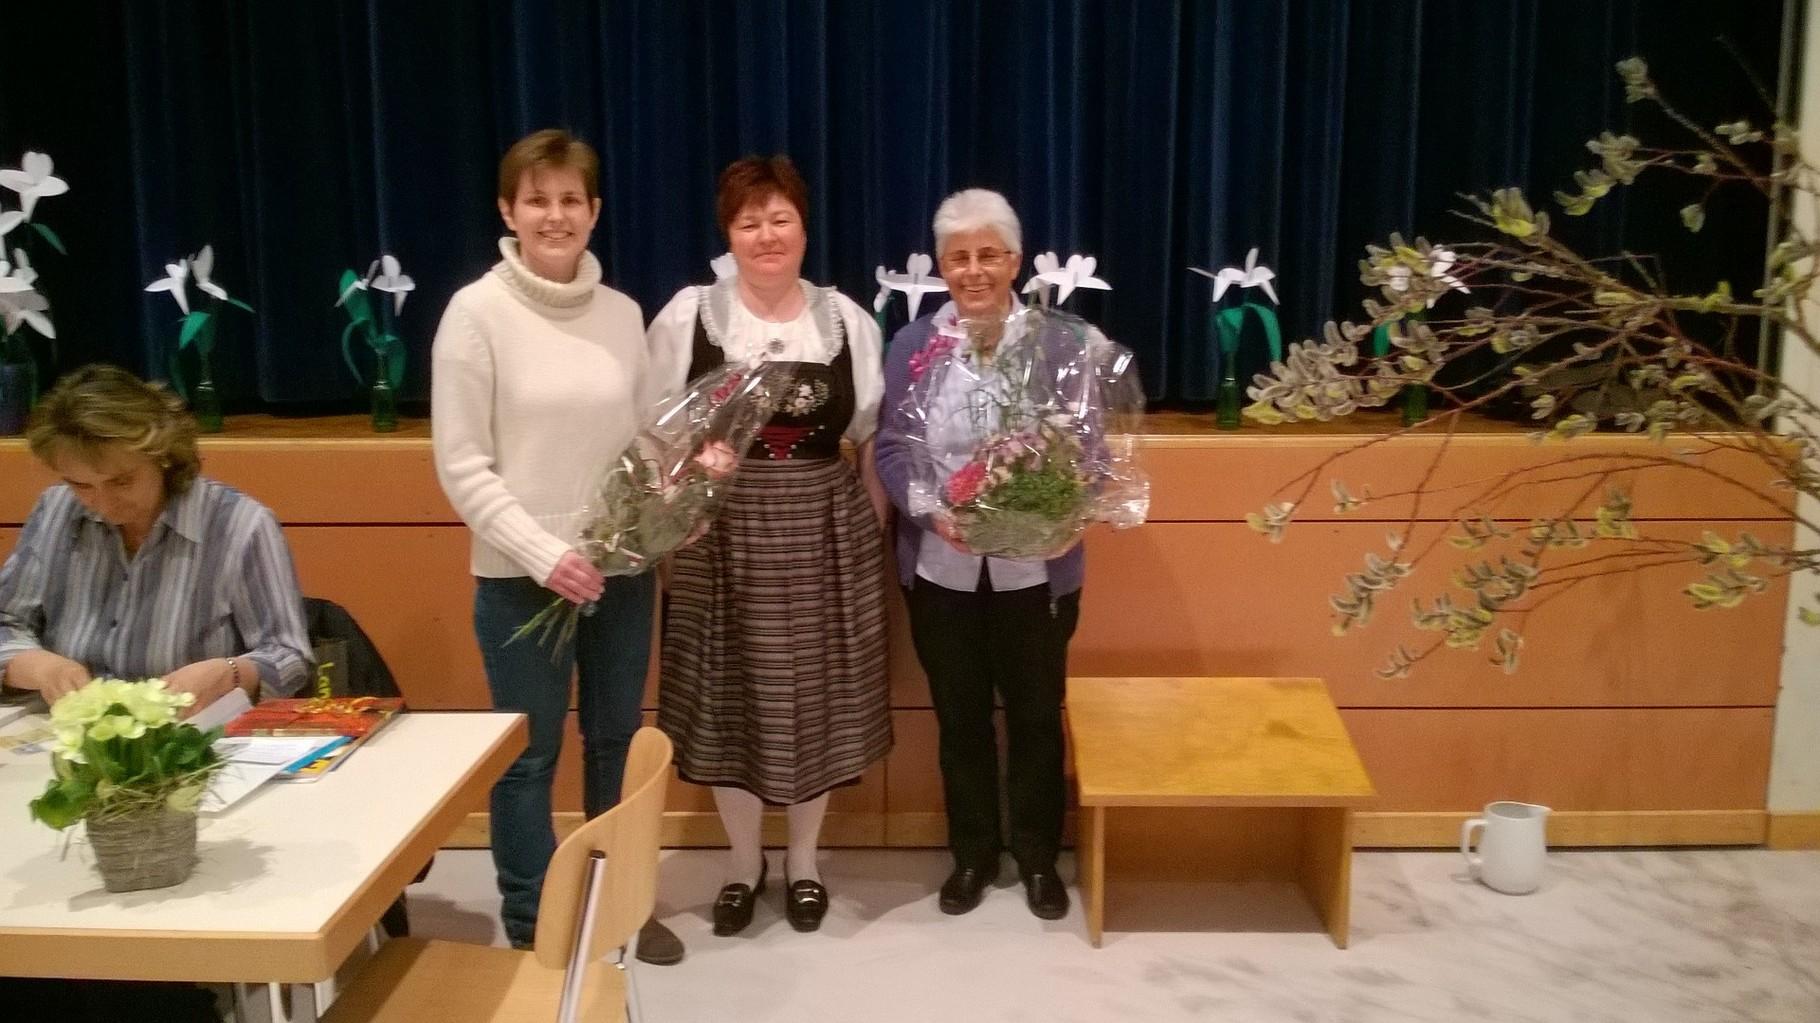 Conny bedankt sich bei Marie-Theres für die vielen Jahren als Präsidentin bei den Landfrauen Eggenwil-Künten und begrüsst die neue Präsidentin Claudia